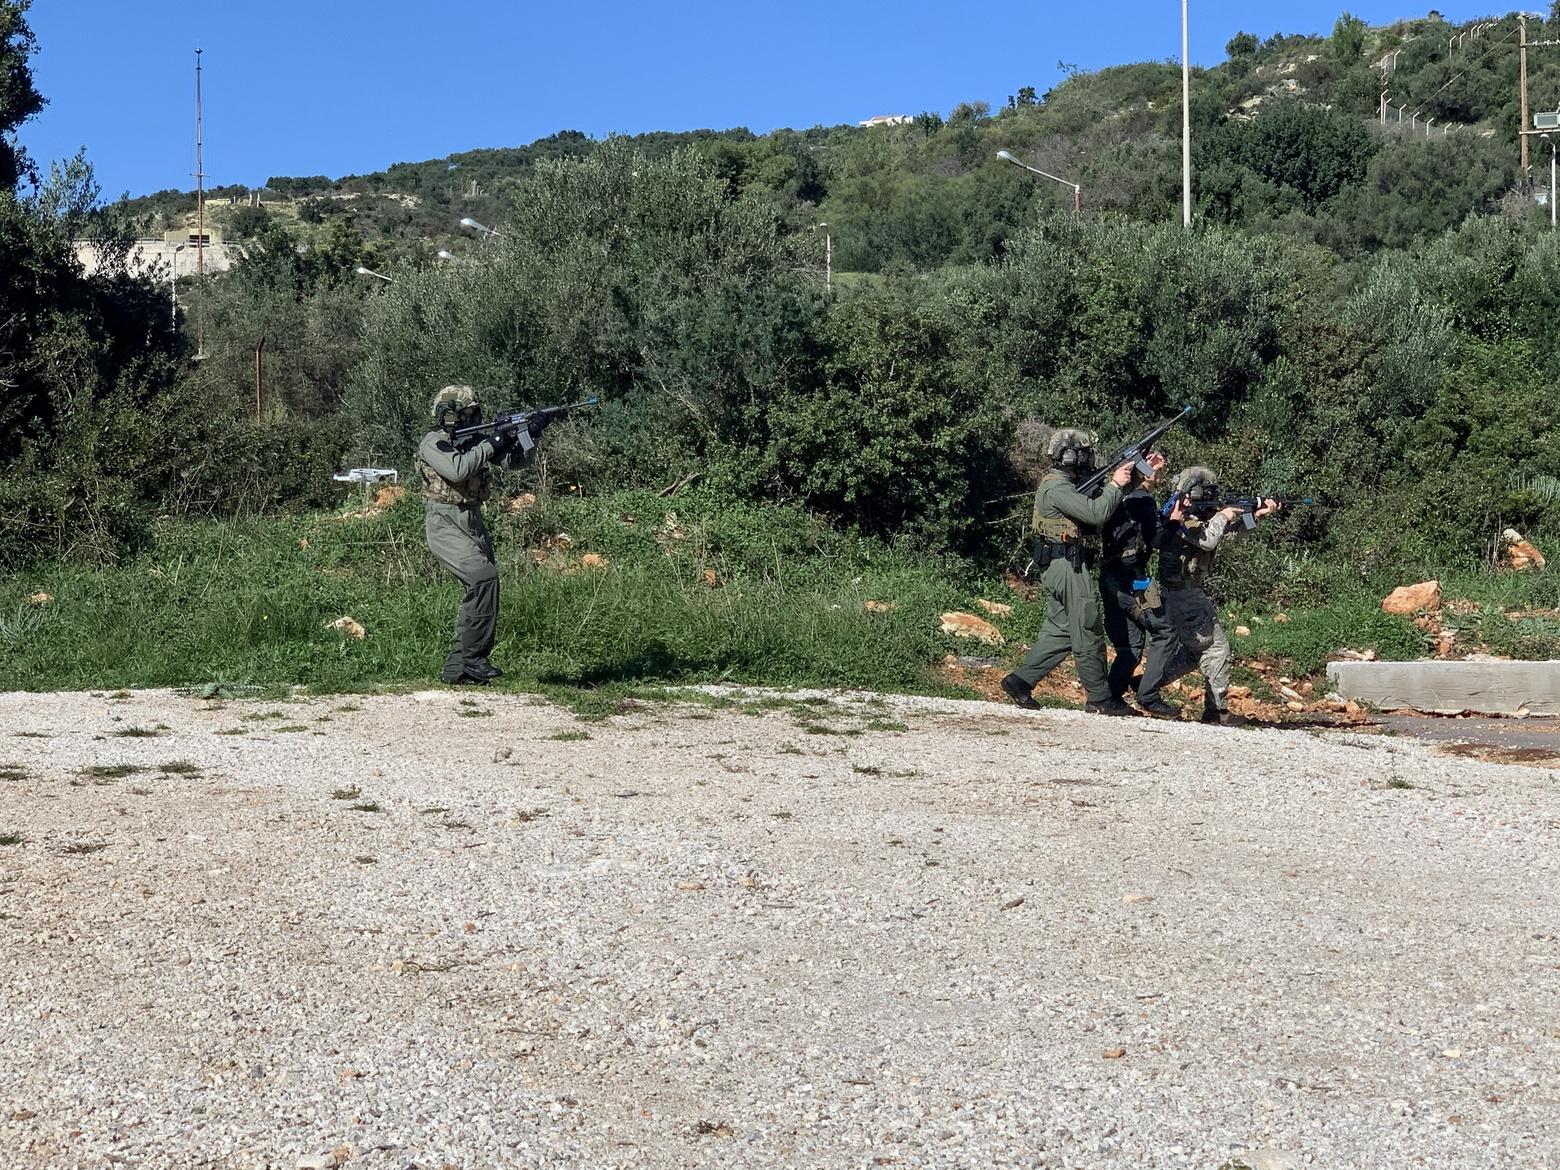 Διακρατική άσκηση Ελλάδας-Κύπρου–ΗΠΑ στη Σούδα από Δυνάμεις Ειδικών Επιχειρήσεων 4